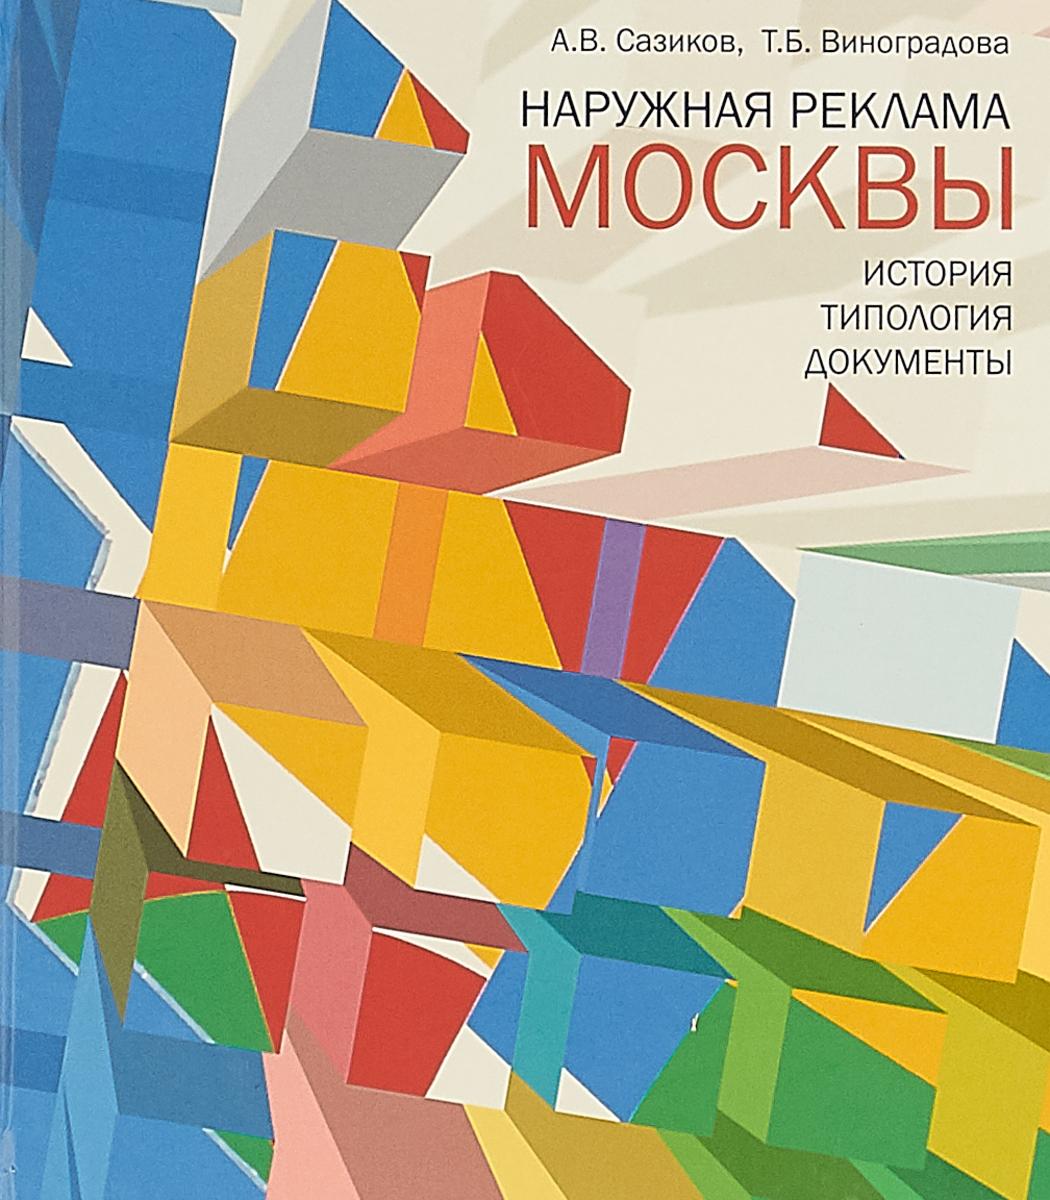 Наружная реклама Москвы. История. Типология. Документы